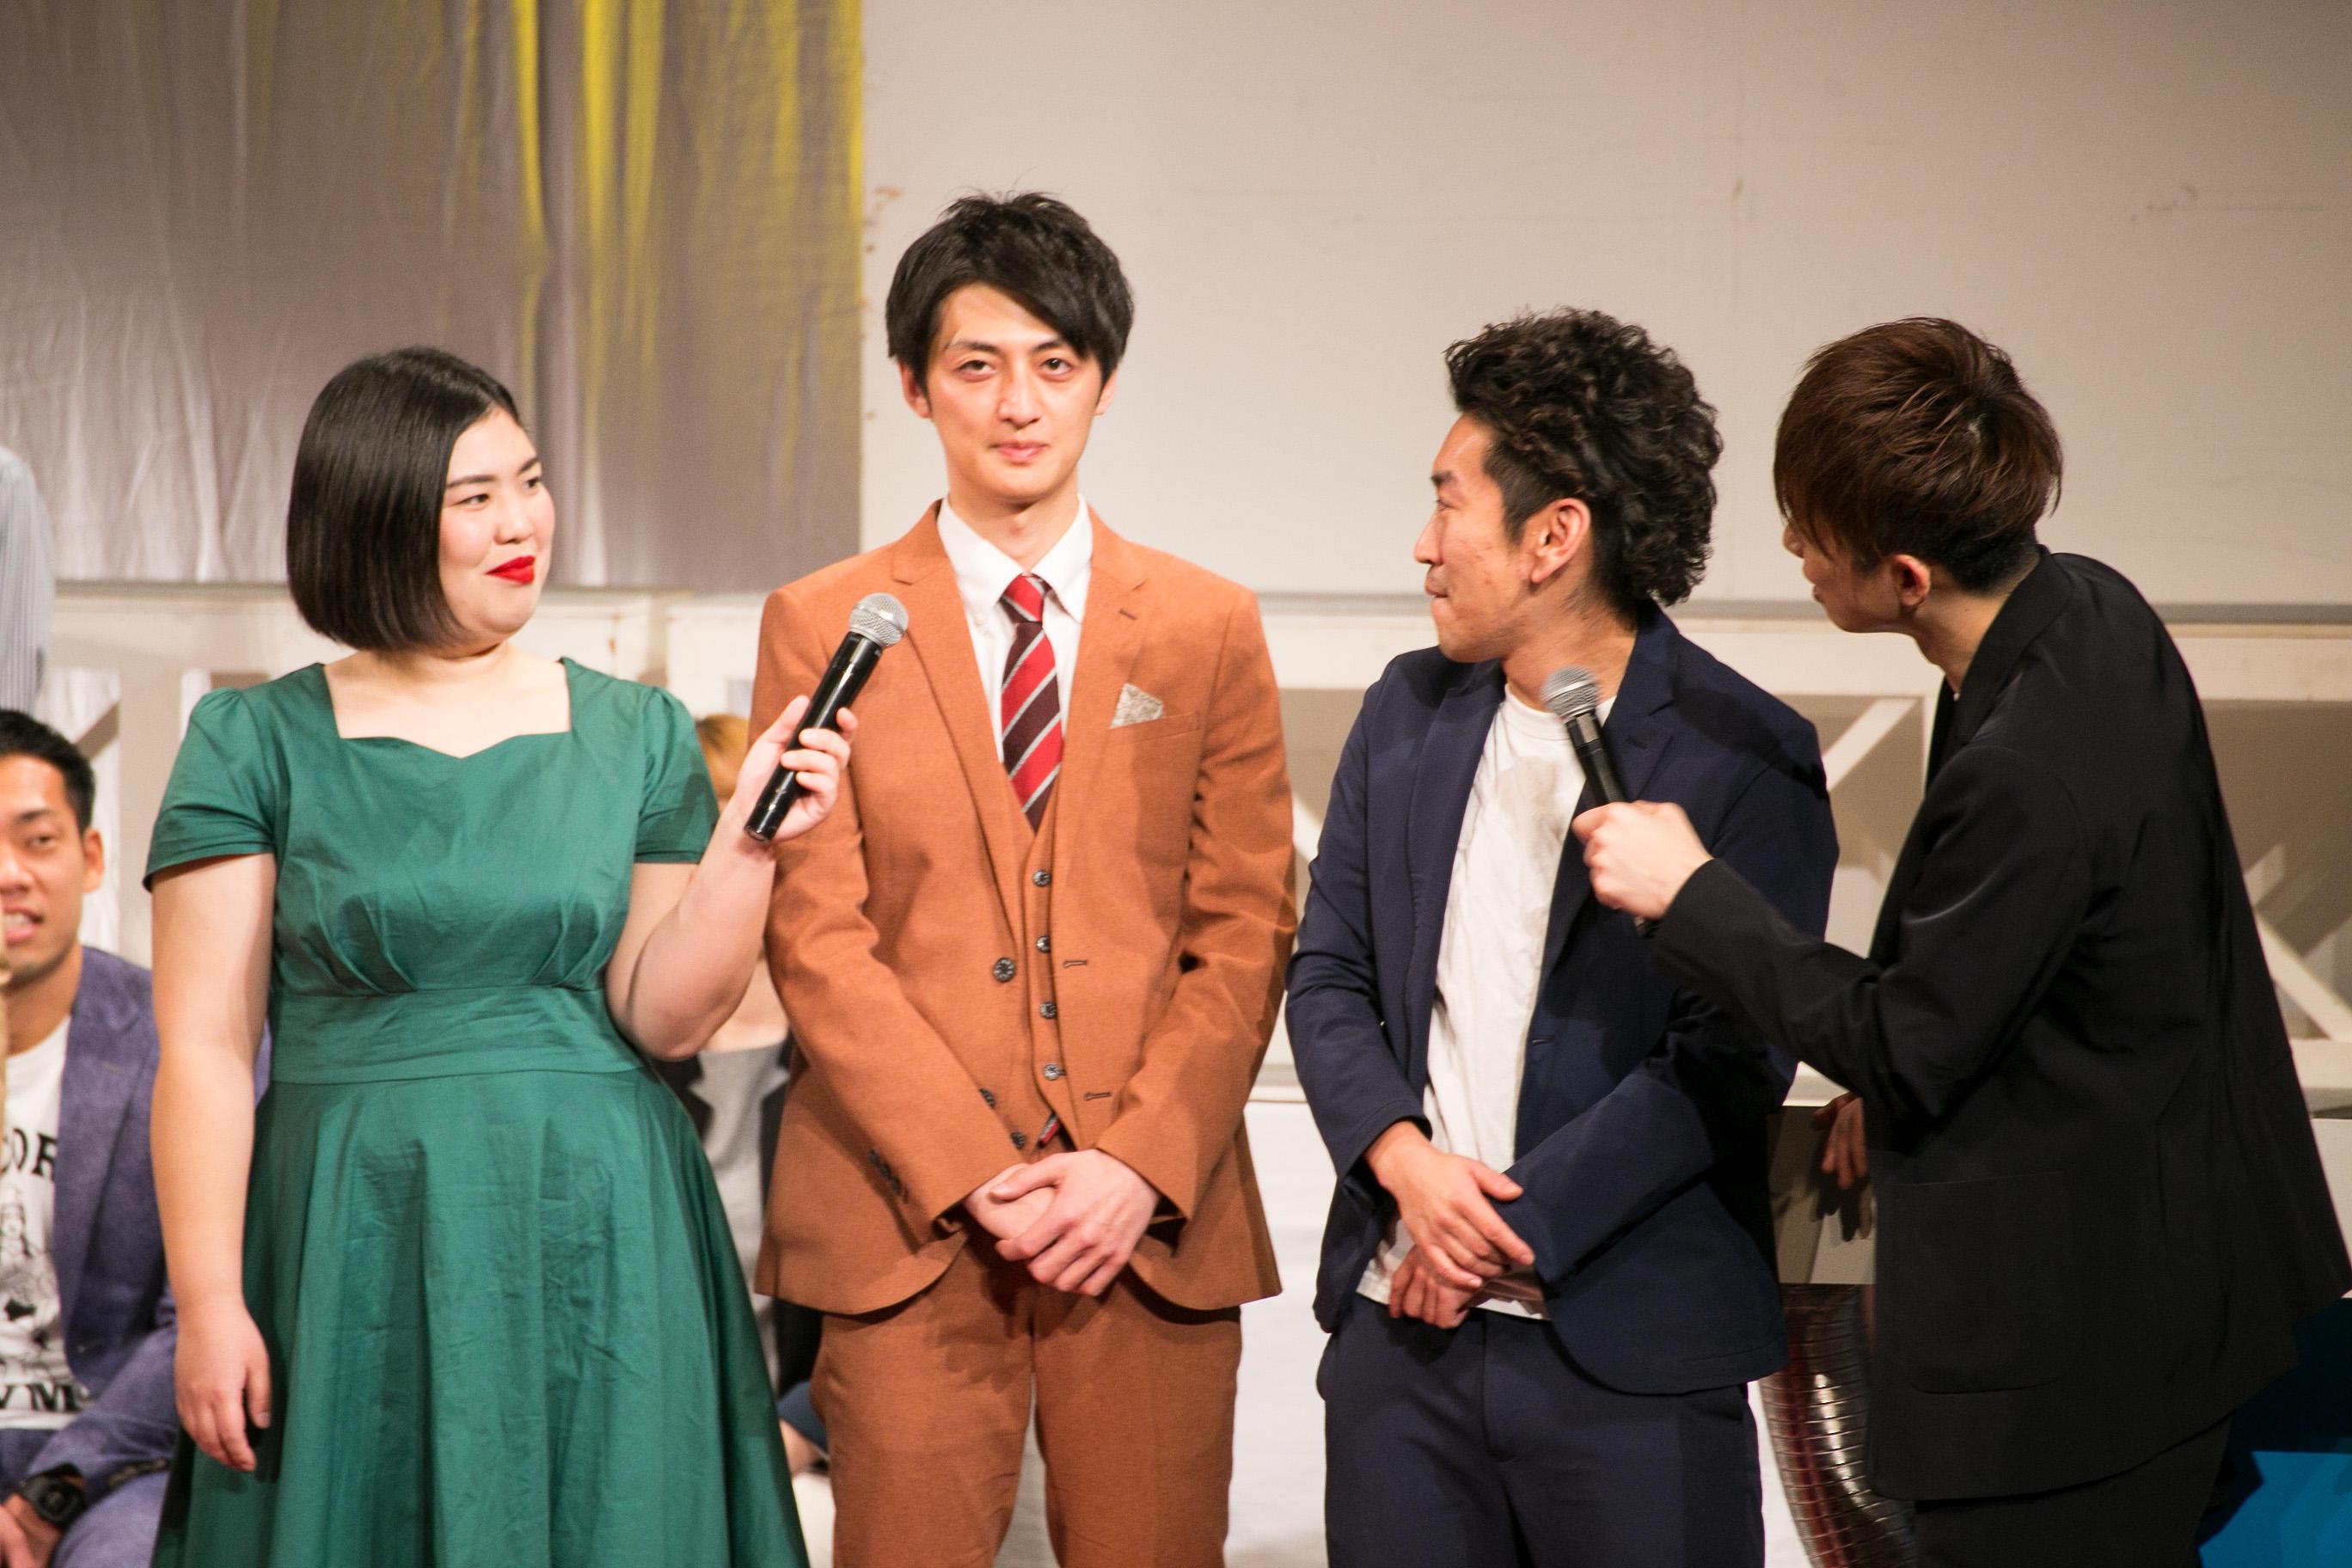 http://news.yoshimoto.co.jp/20181228111323-990c8953aea55b31c40a8b945f0dcacf4c366bb7.jpg